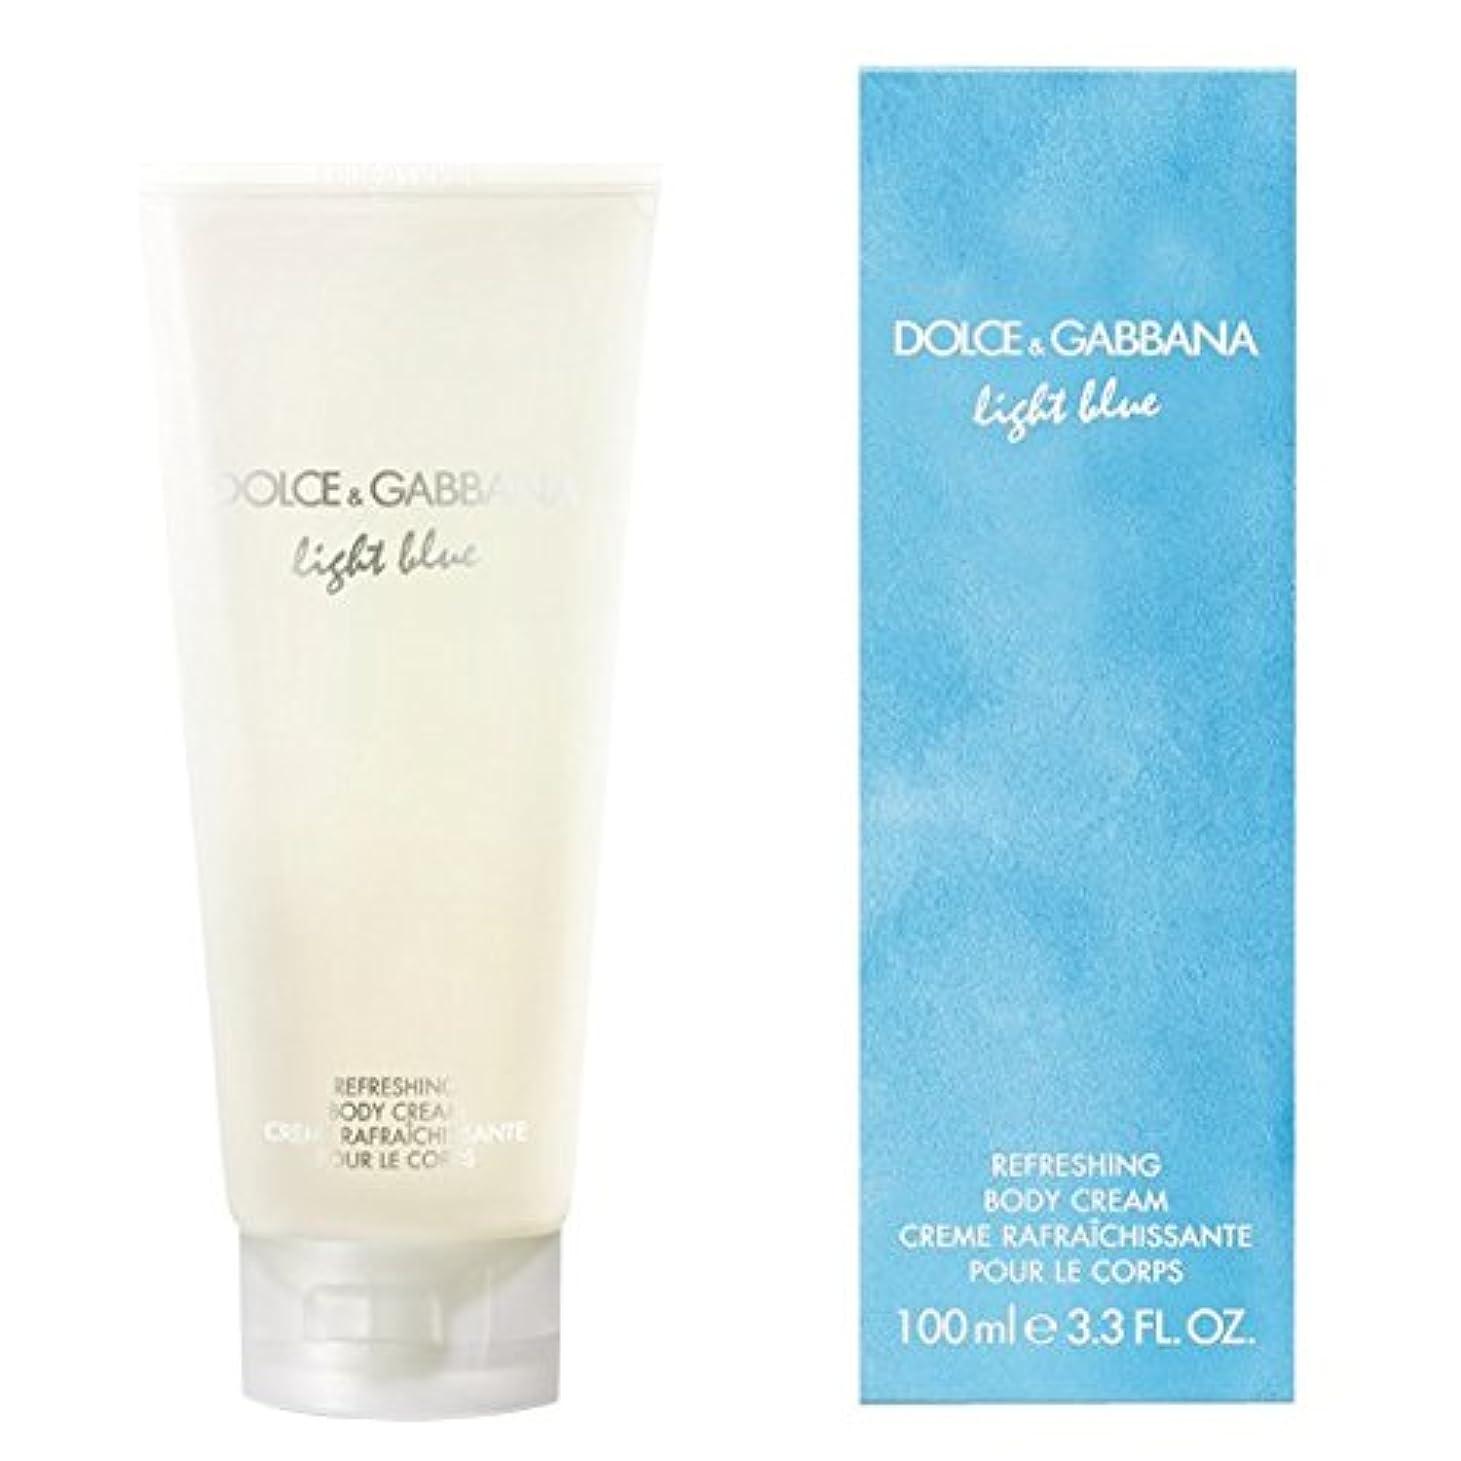 できない政治家病気だと思うドルチェ&ガッバーナライトブルーの爽やかなボディクリーム200ミリリットル (Dolce & Gabbana) (x6) - Dolce & Gabbana Light Blue Refreshing Body Cream 200ml (Pack of 6) [並行輸入品]